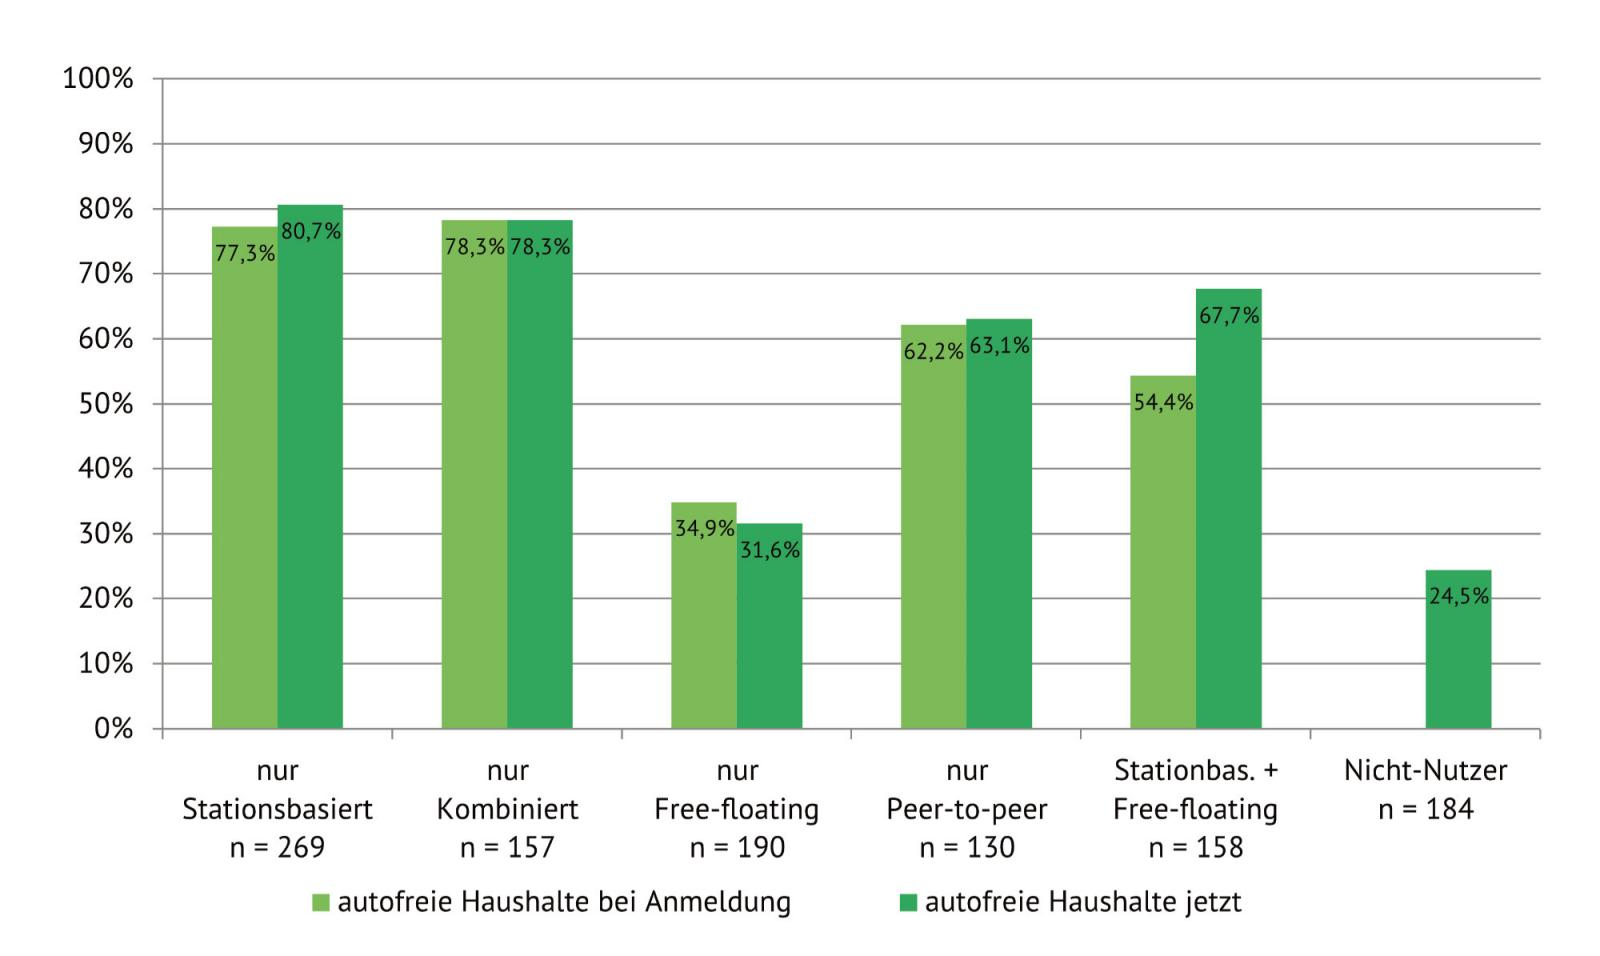 Abb. 3: Entwicklung des Anteils autofreier Haushalte bei den CarSharing-Varianten